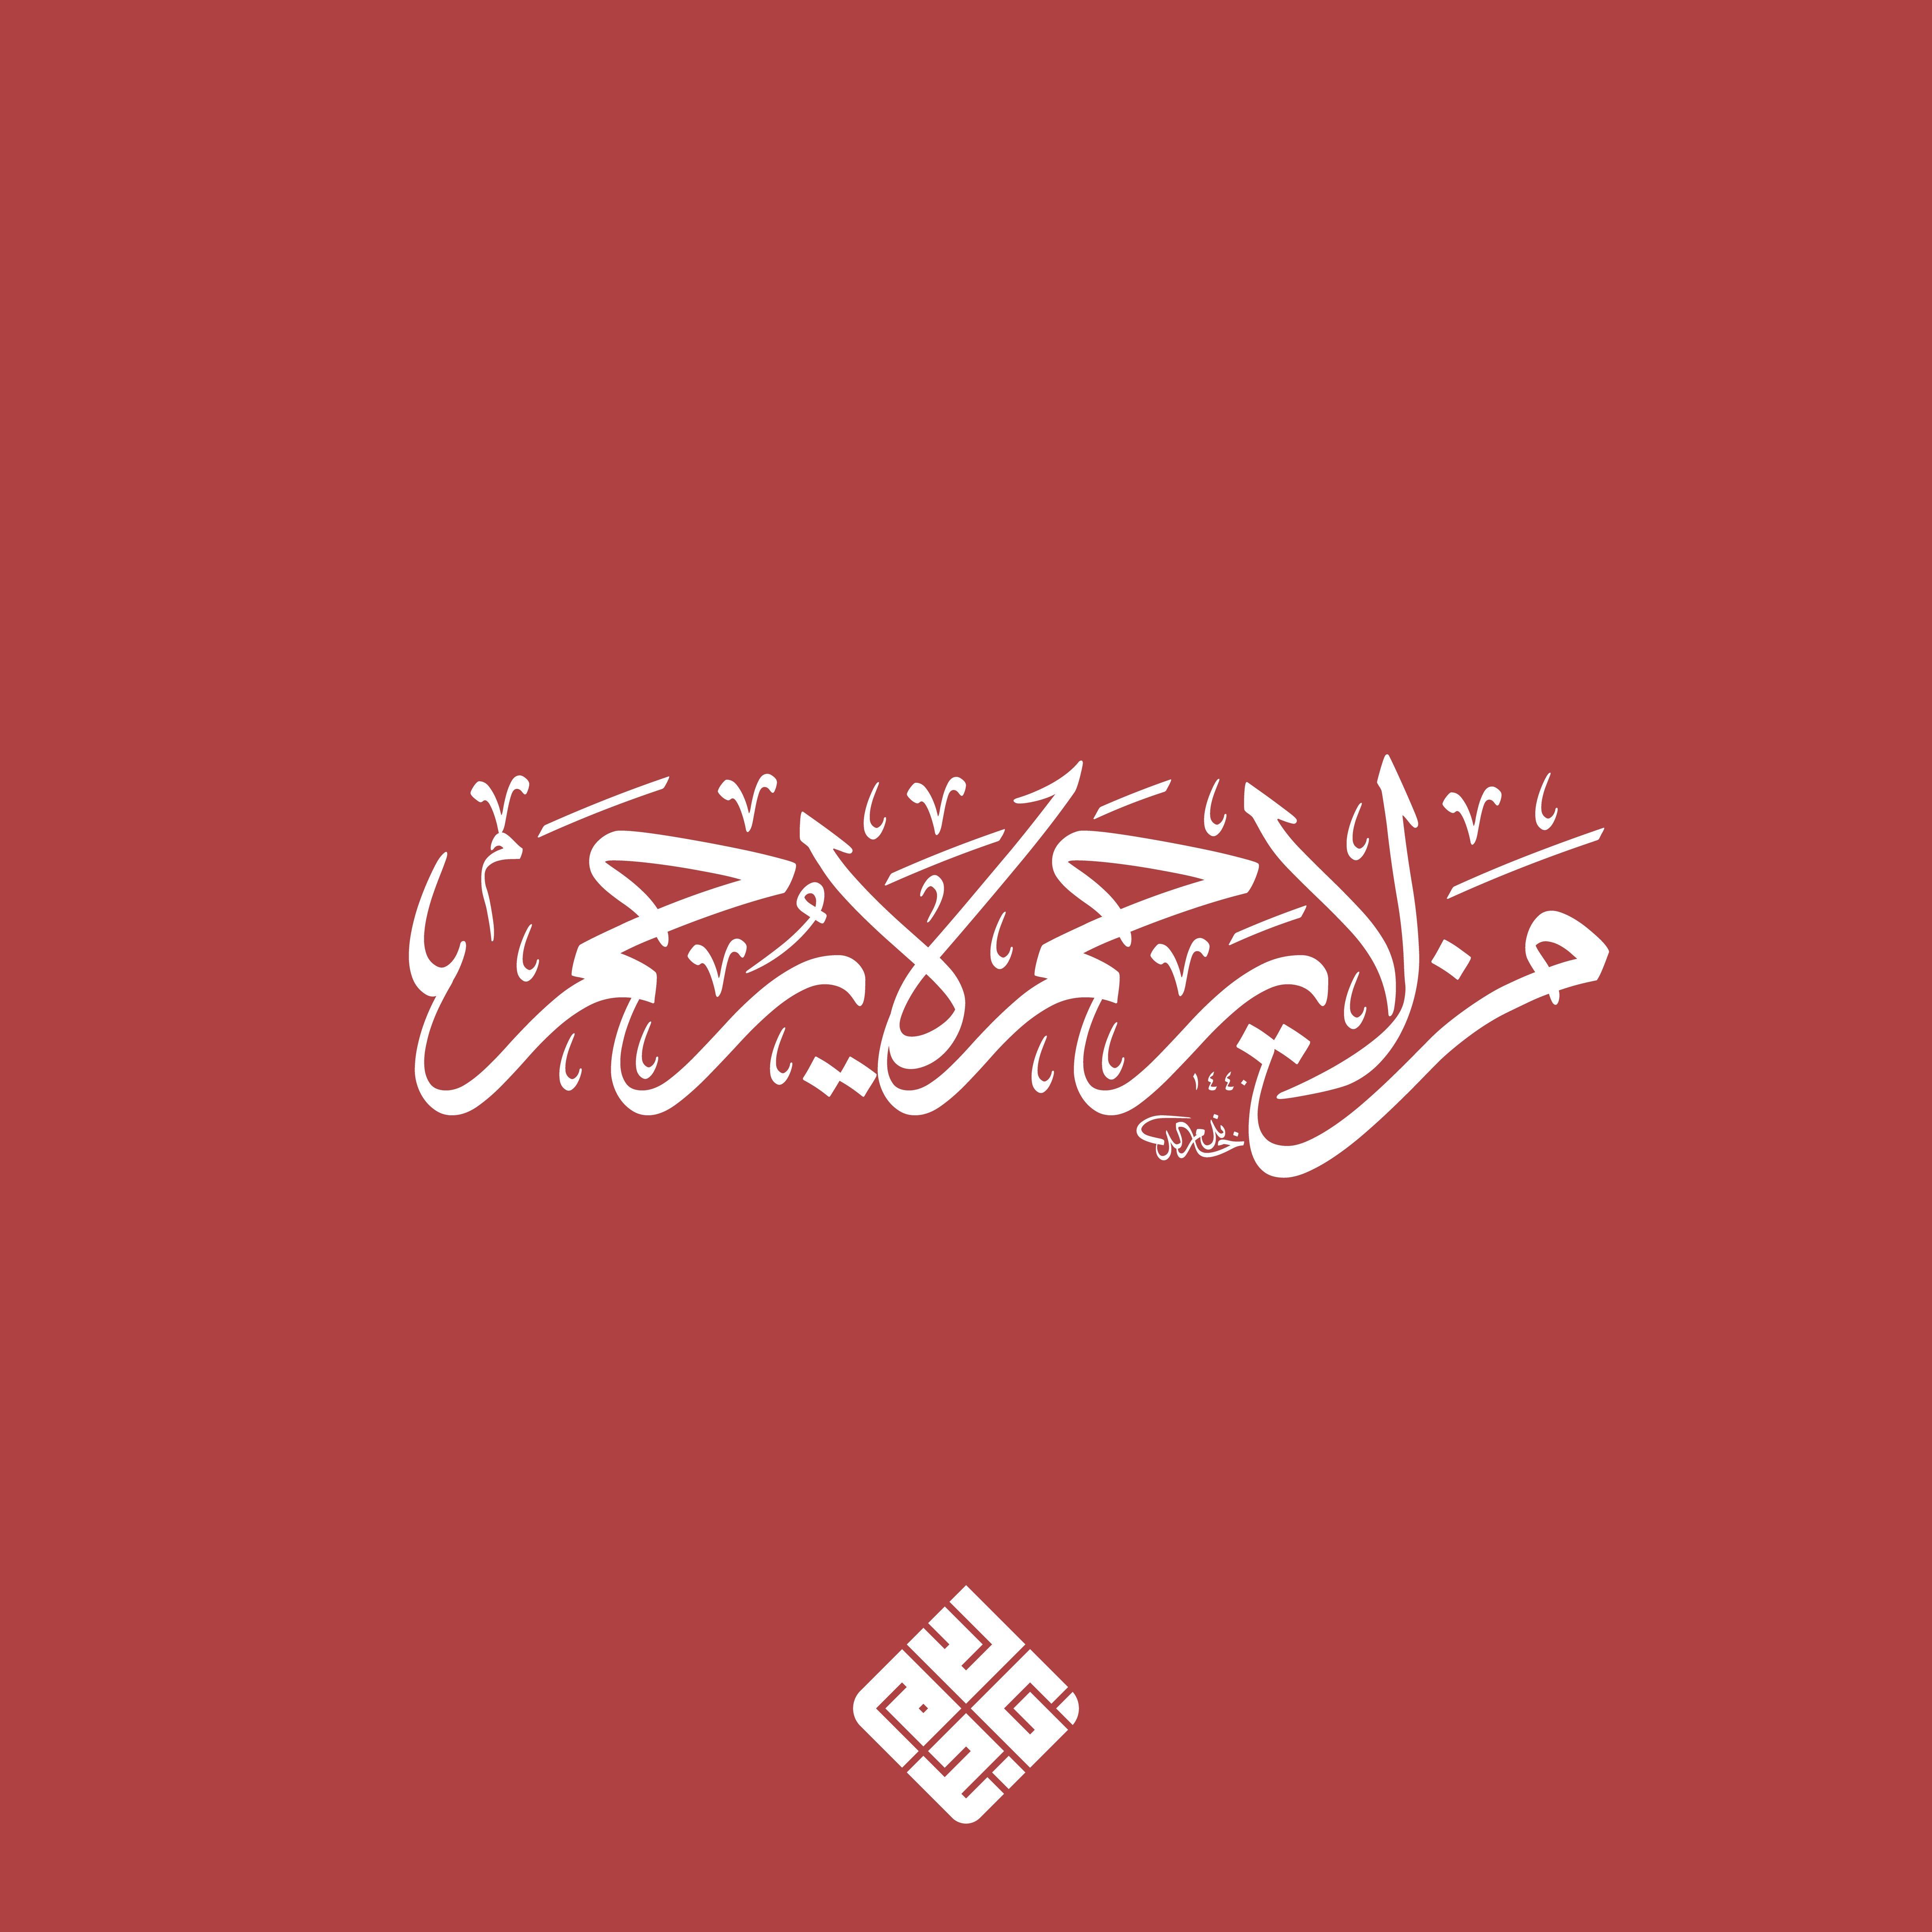 من لا يرحم لا يرحم Arabic Calligraphy Nature Paintings Calligraphy